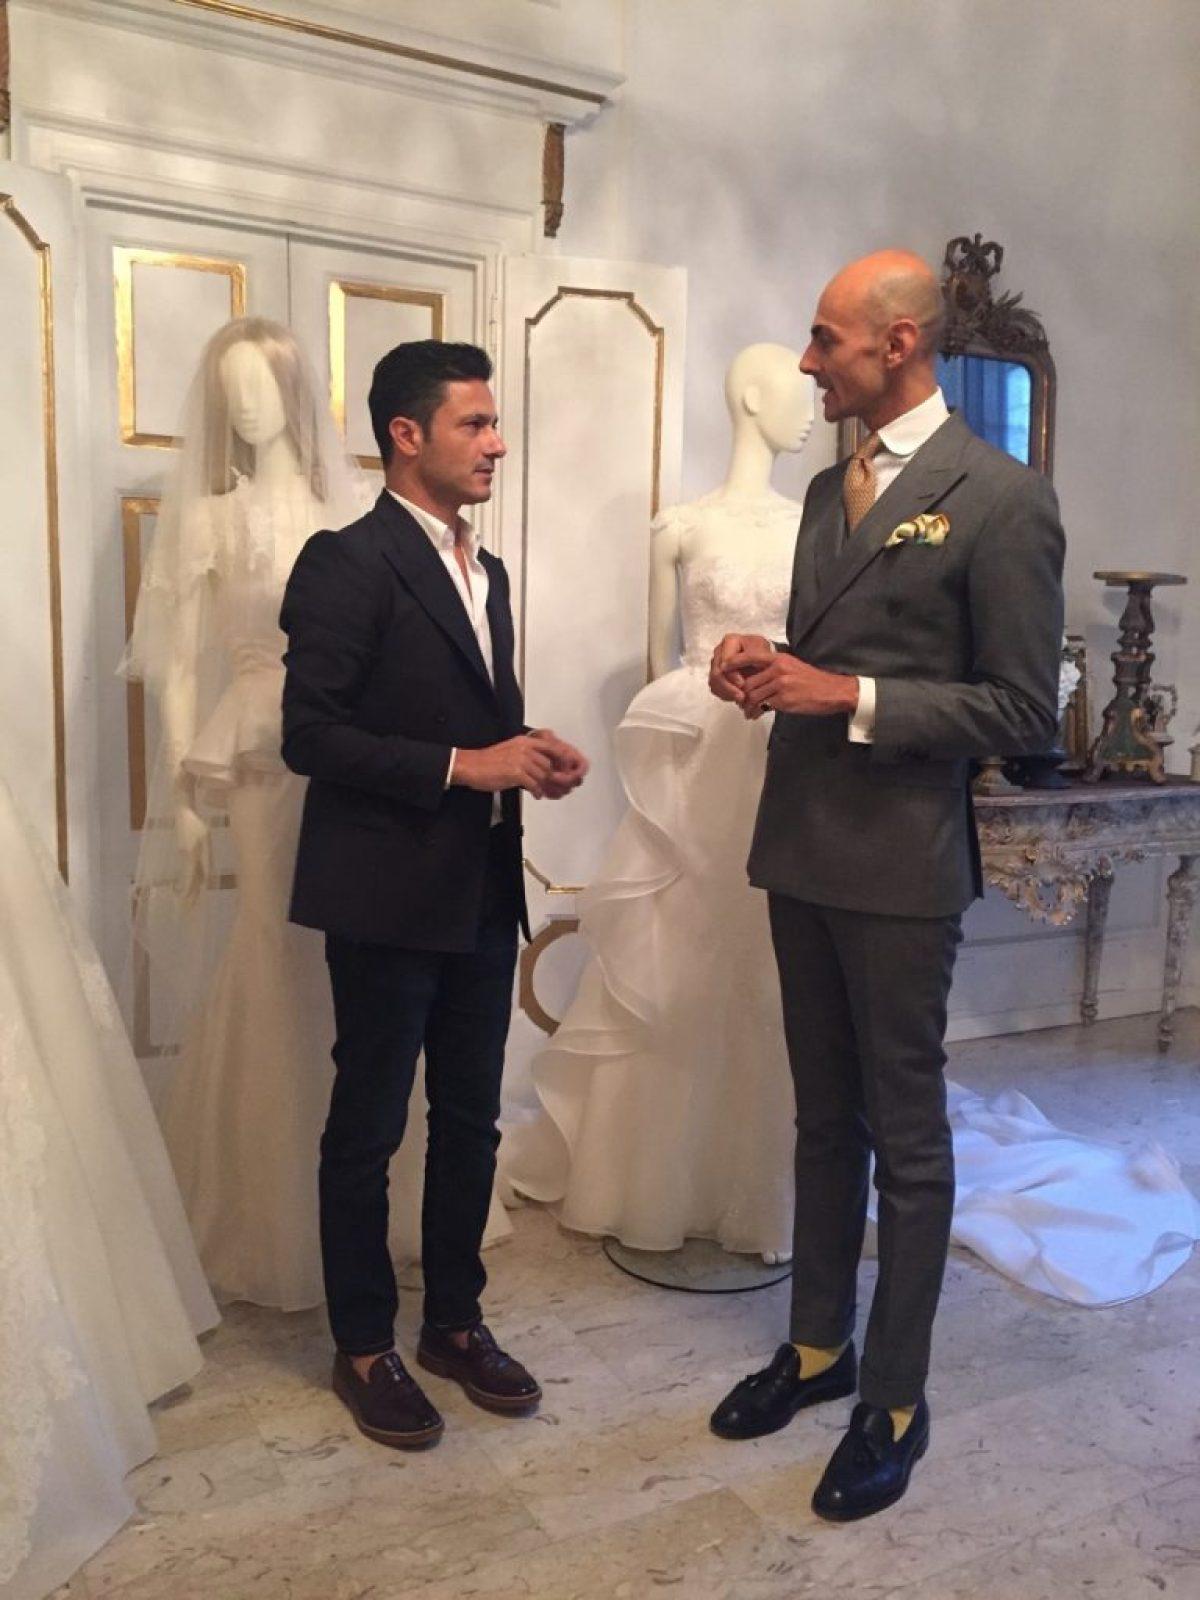 Maison Signore presenta le nuove collezioni sposa 2016, tra cui la Enzo Miccio Bridal Collection e la Valeria Marini Seduction